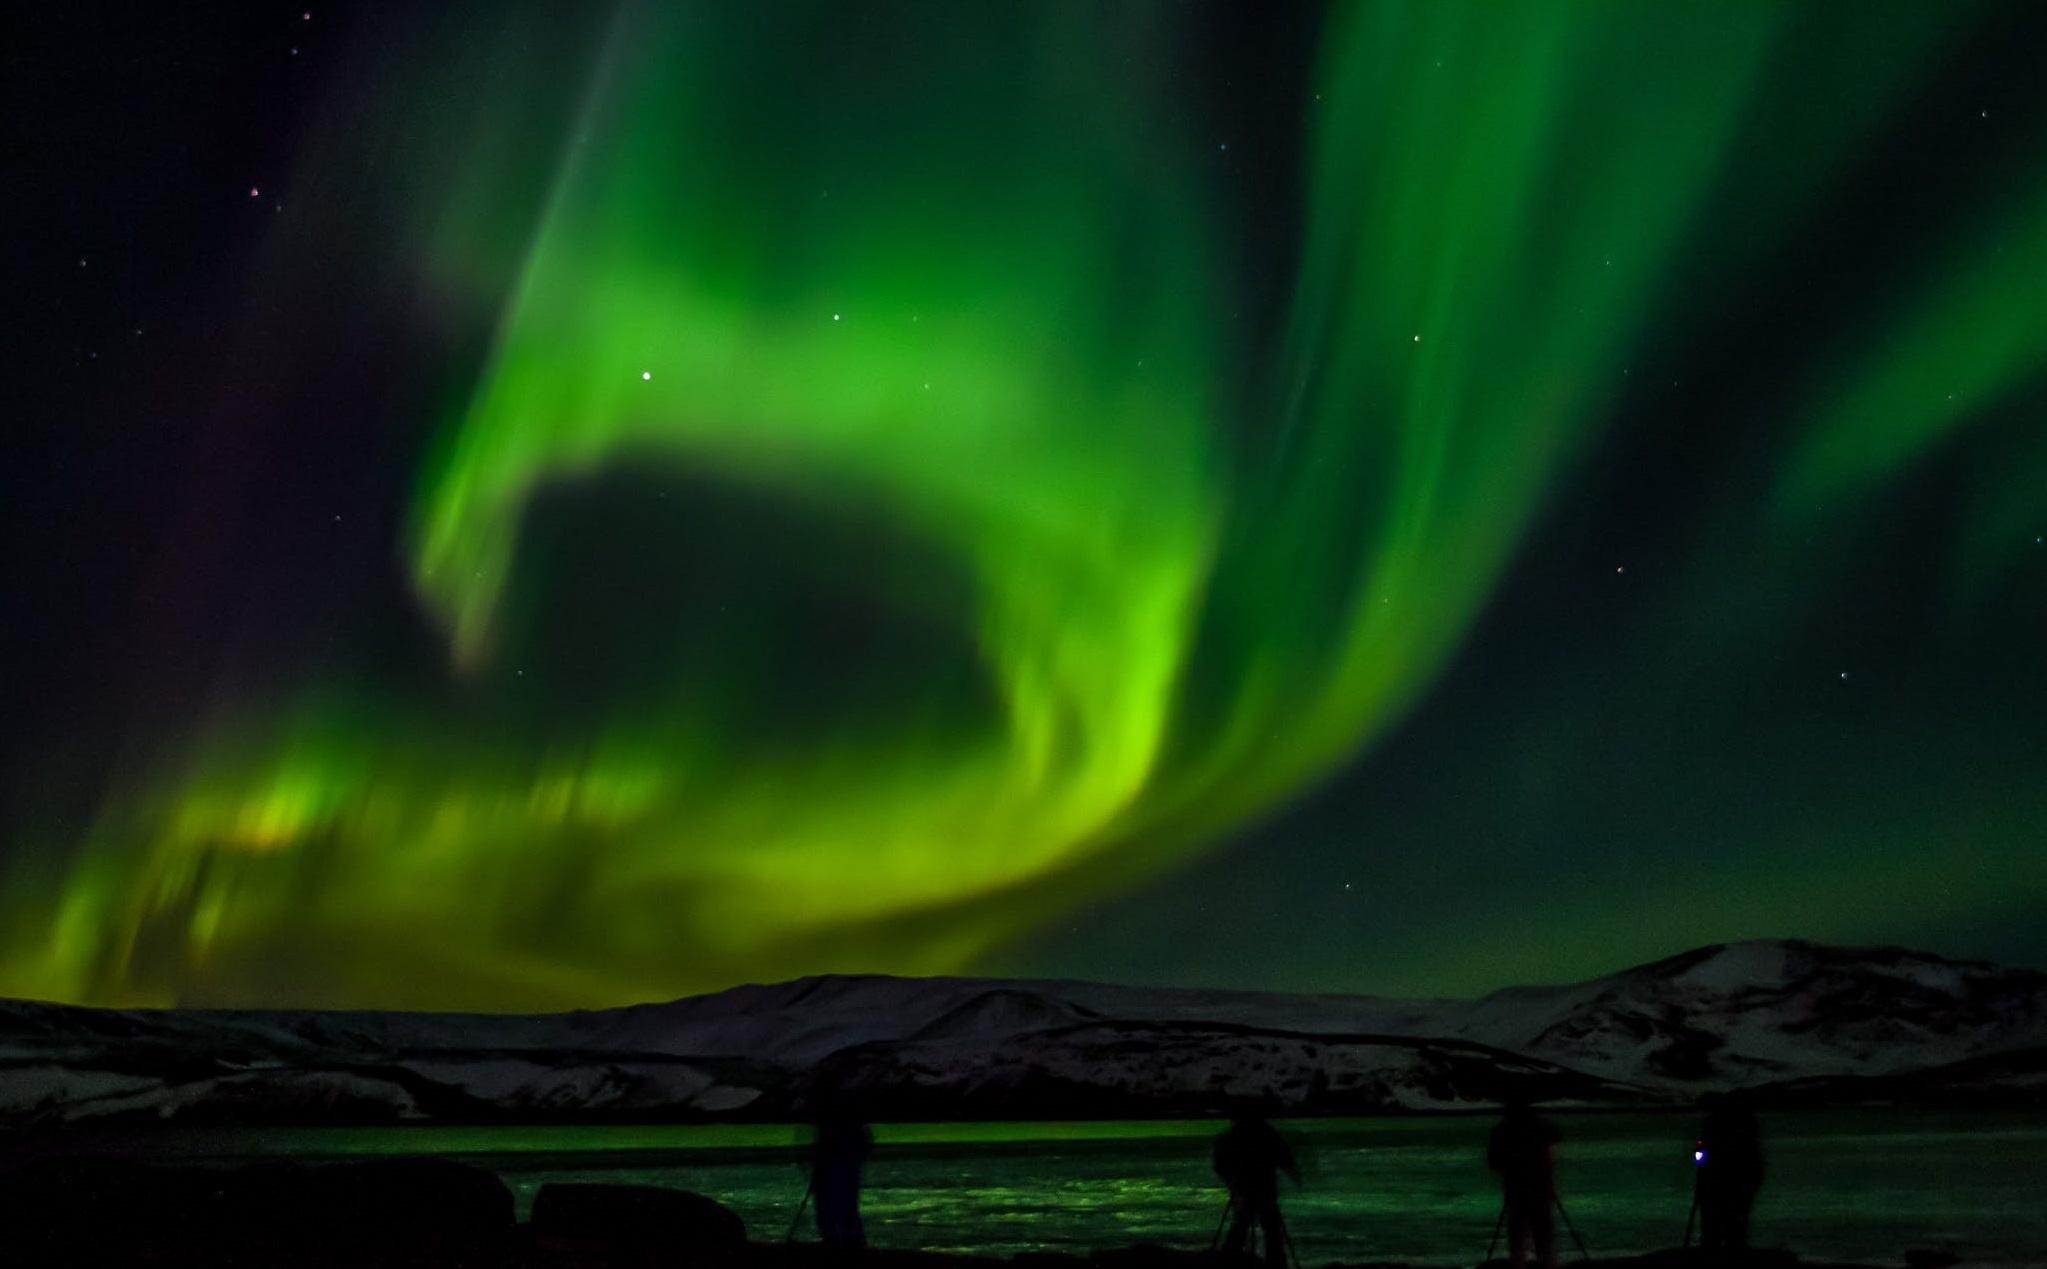 北极光小巴之旅带将您远离冰岛的城市和城镇的灯光,进入完美的黑暗环境追极光